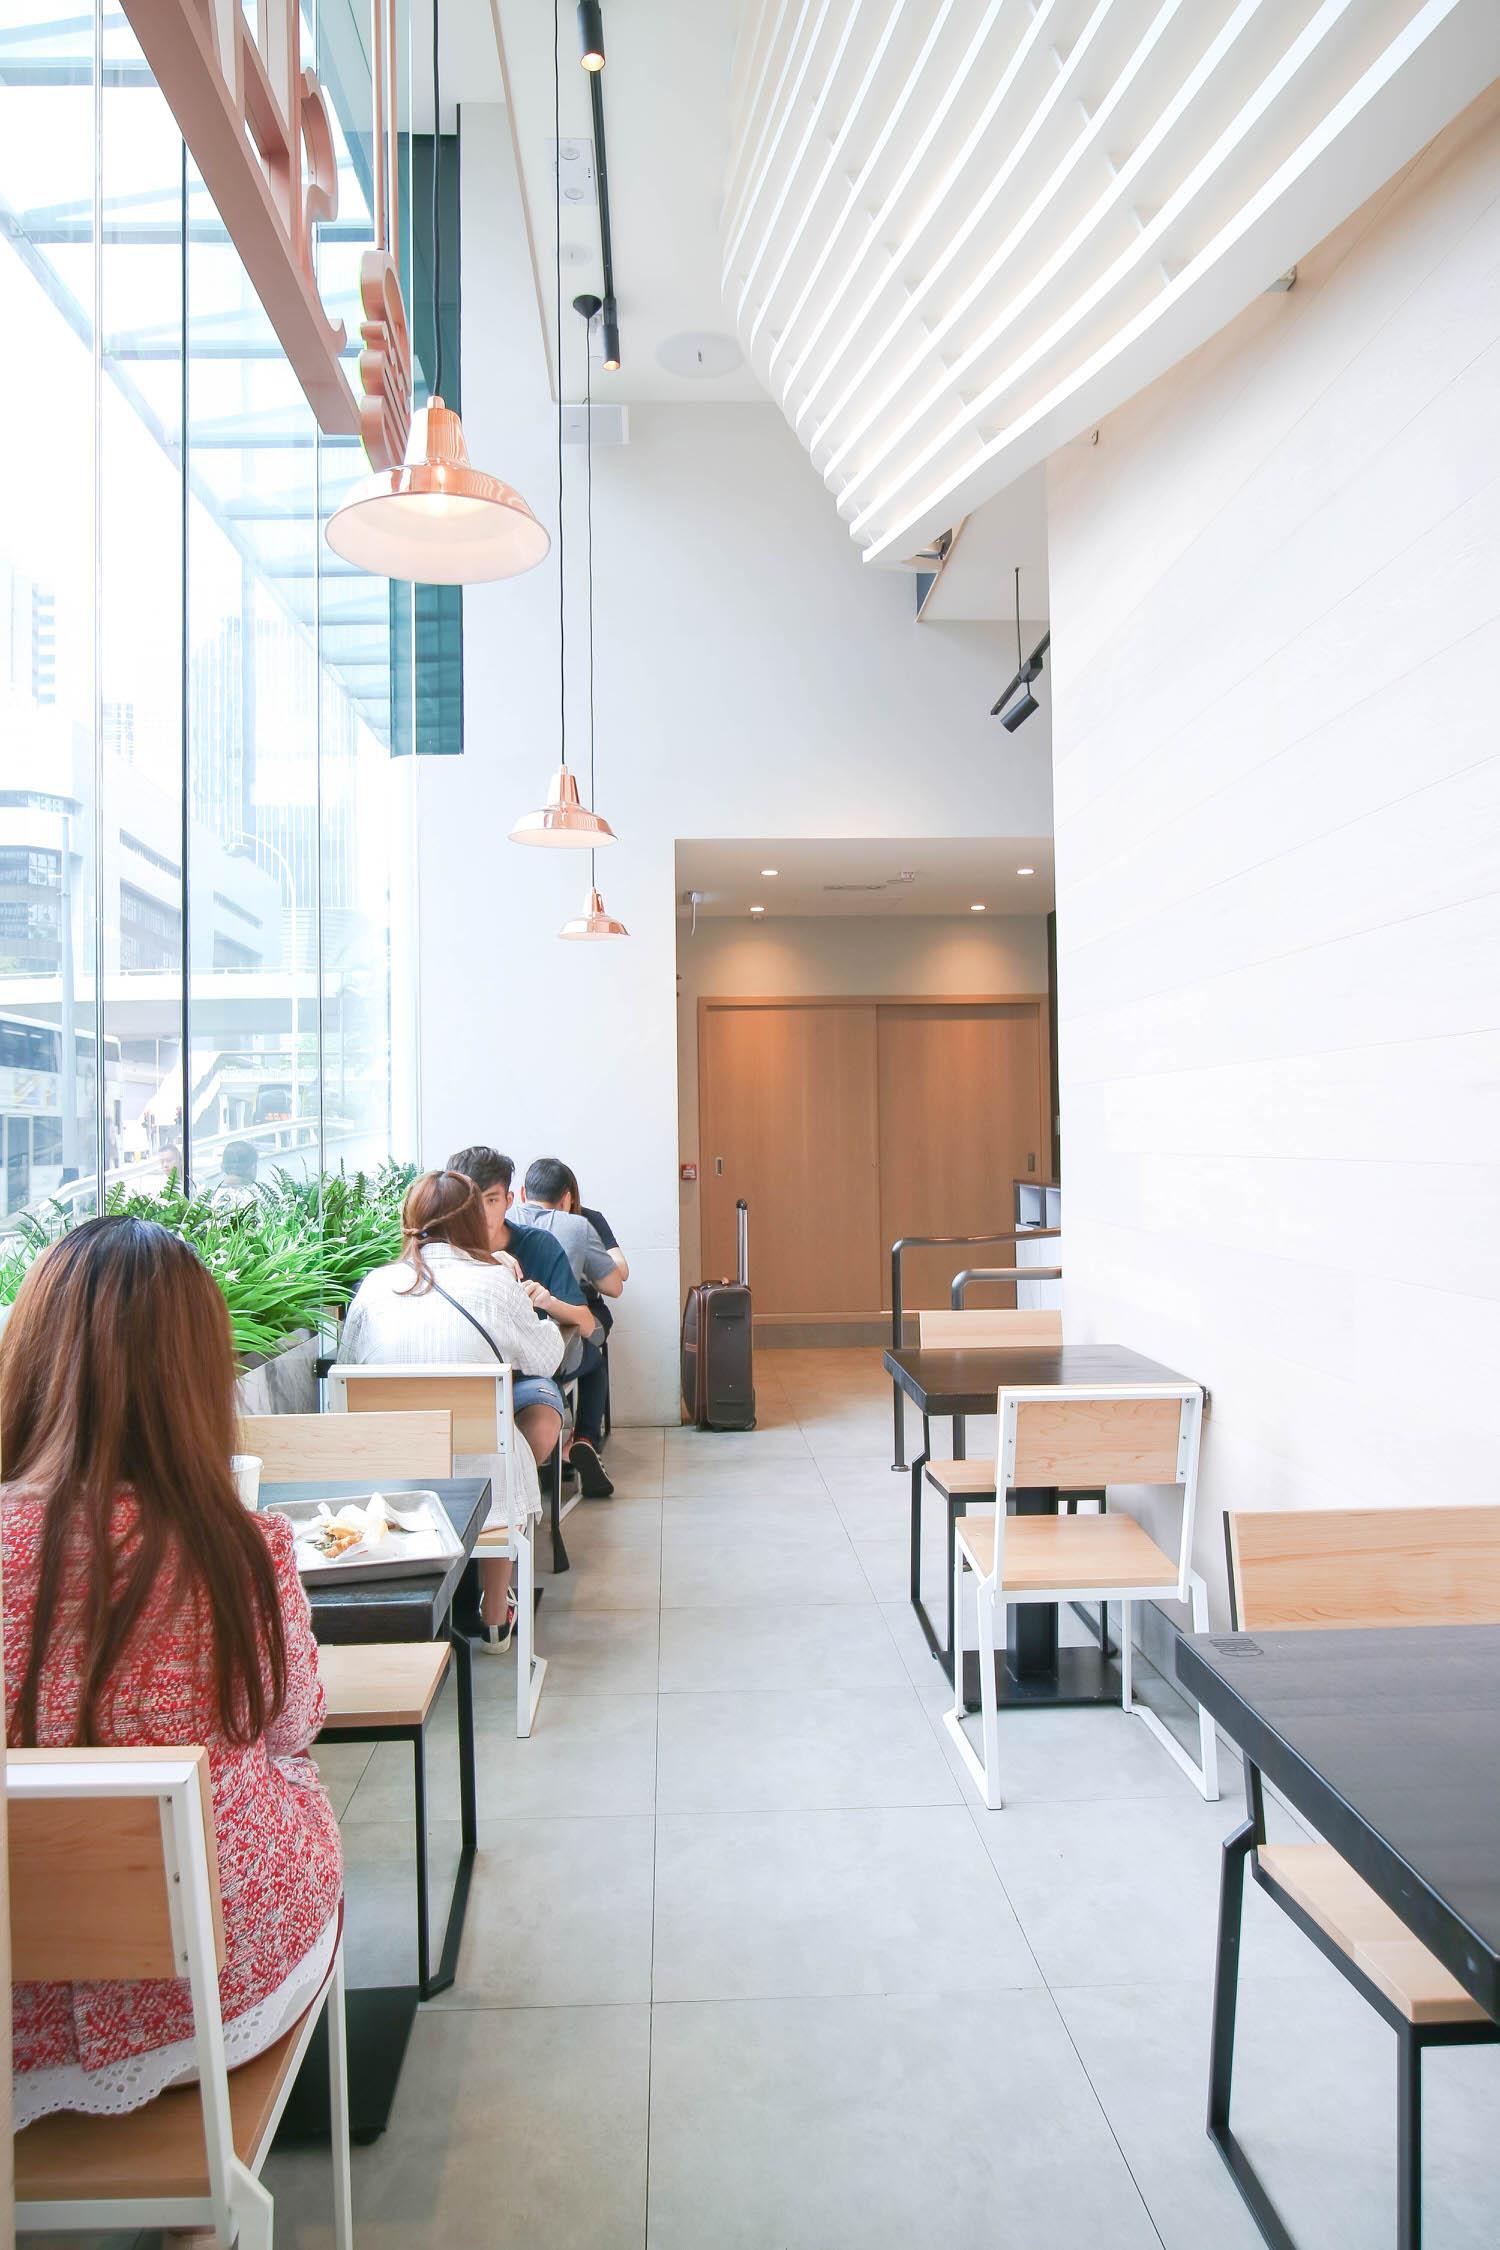 香港美食|Shake Shack 美國紐約最火漢堡店香港也吃的到